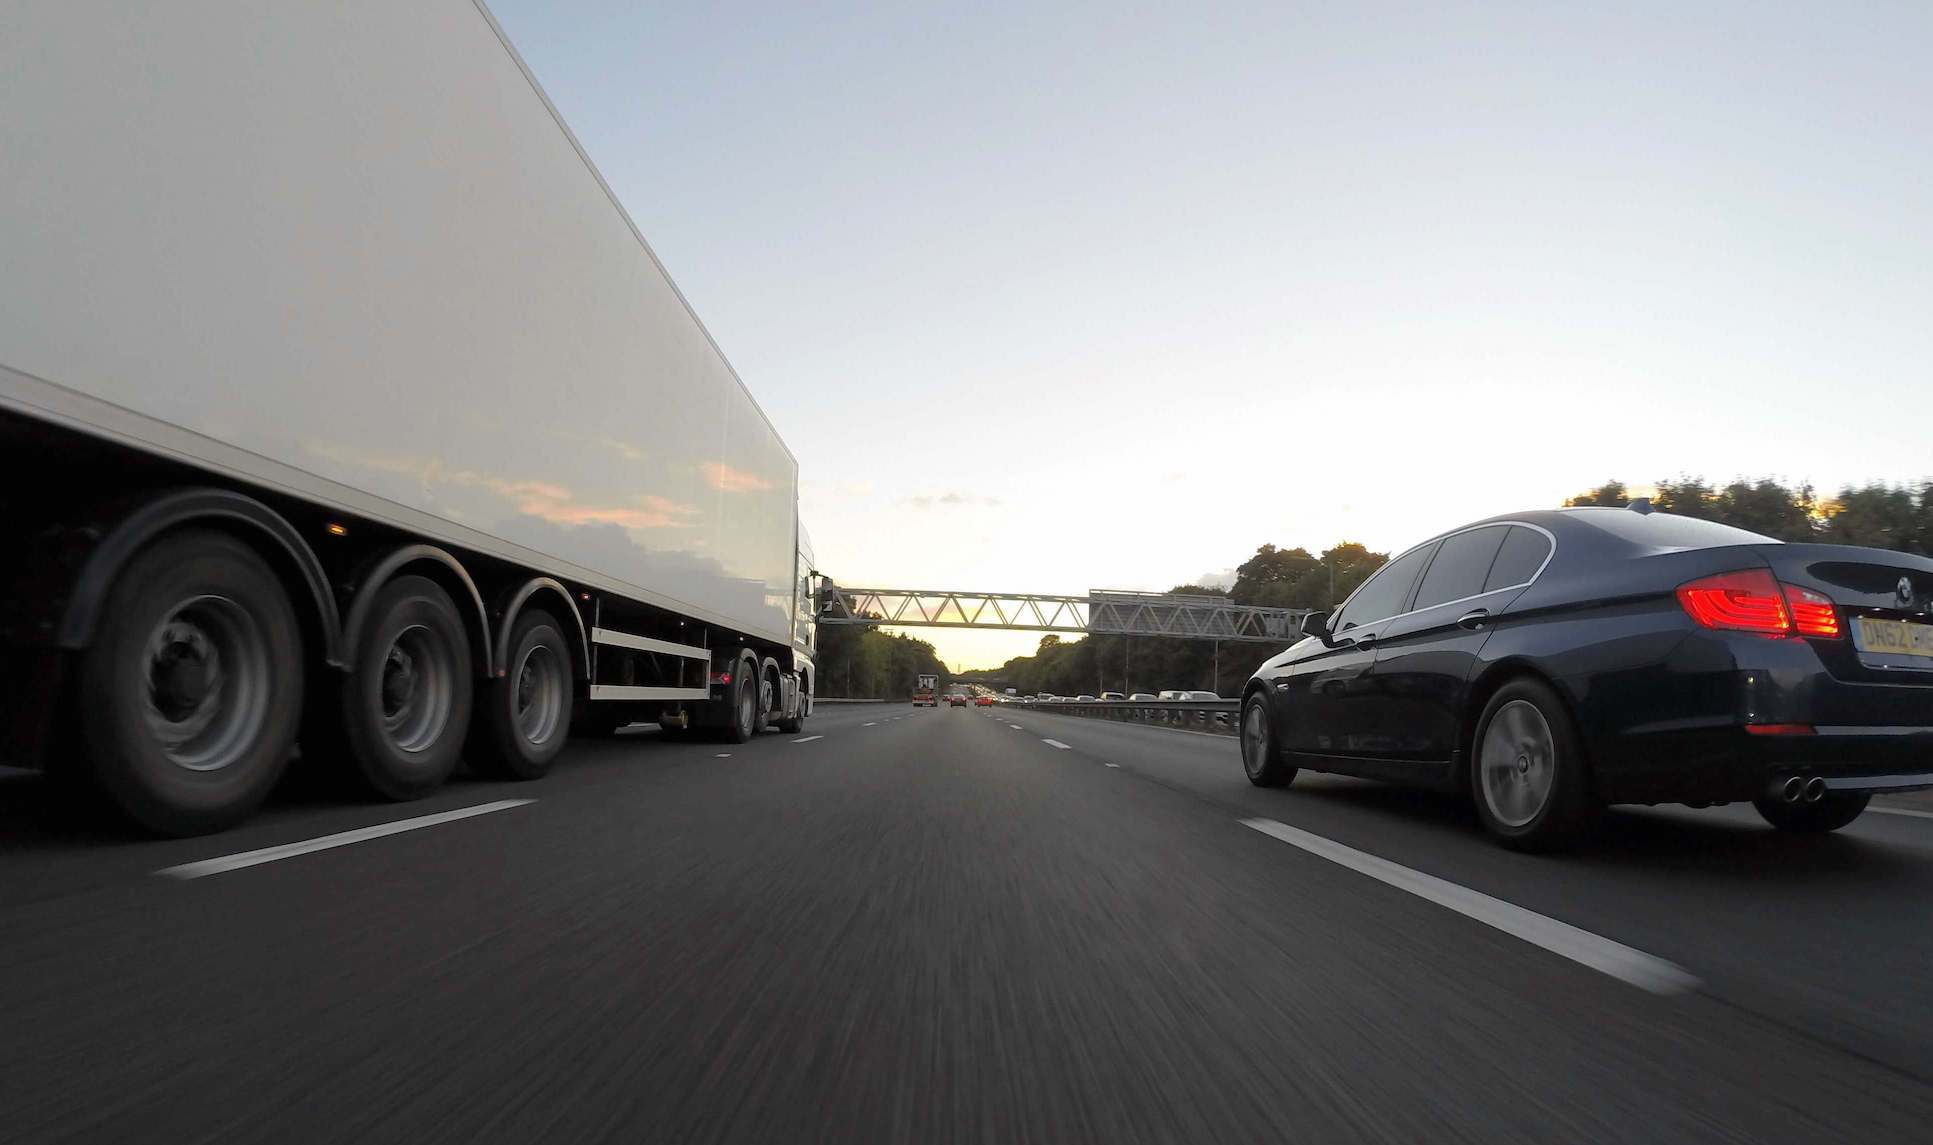 Ciężarówka i osobówka na drodze